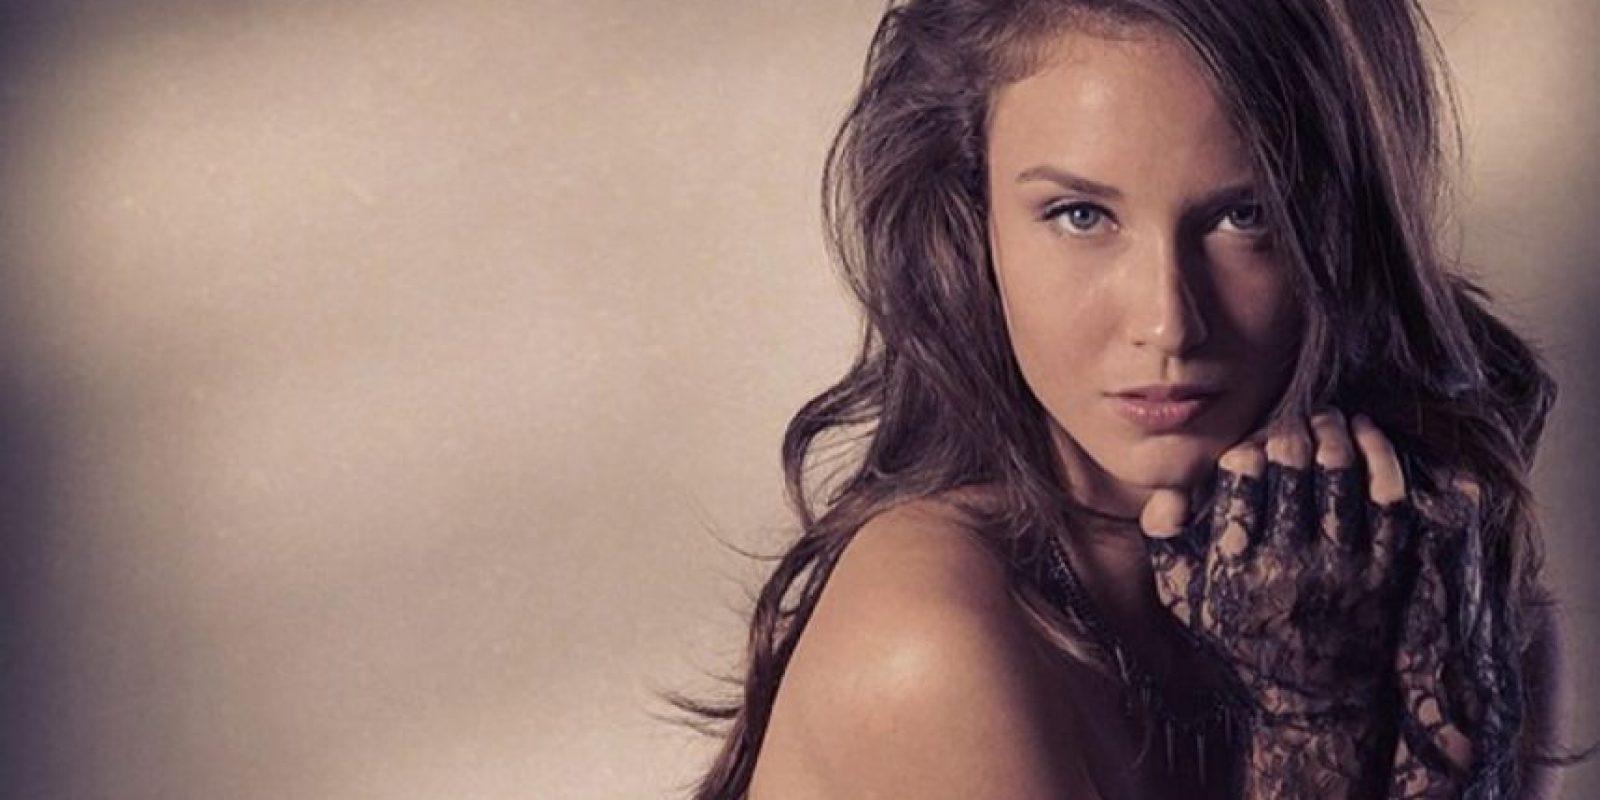 La actriz porno asegura ser también fotografa Foto:Vía Instagram @malenamorgan